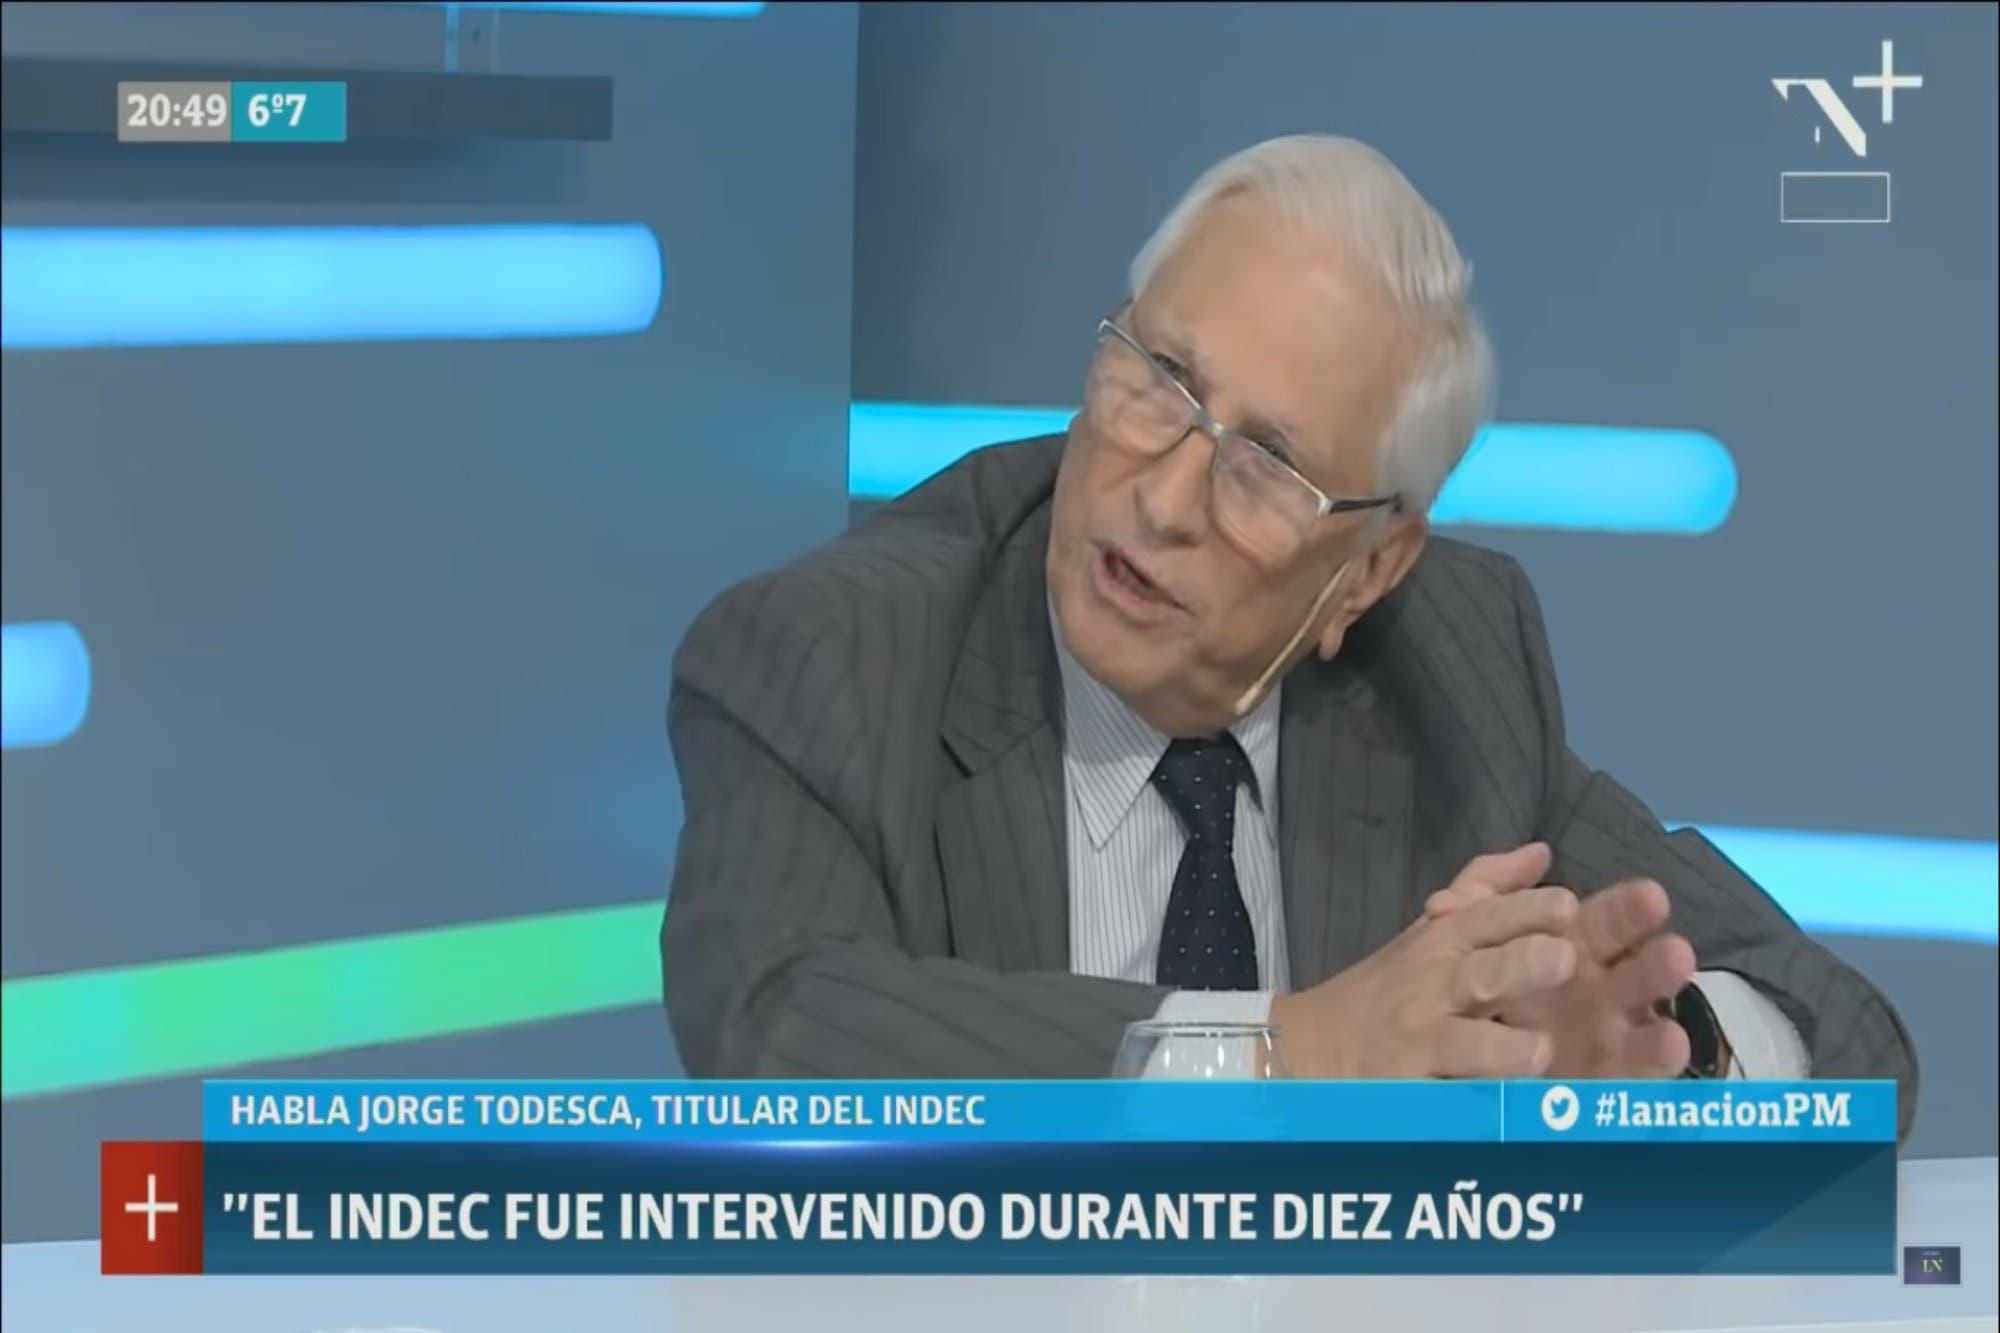 """Jorge Todesca: """"Algunos gobernaban con pocos datos y mucha retórica"""""""